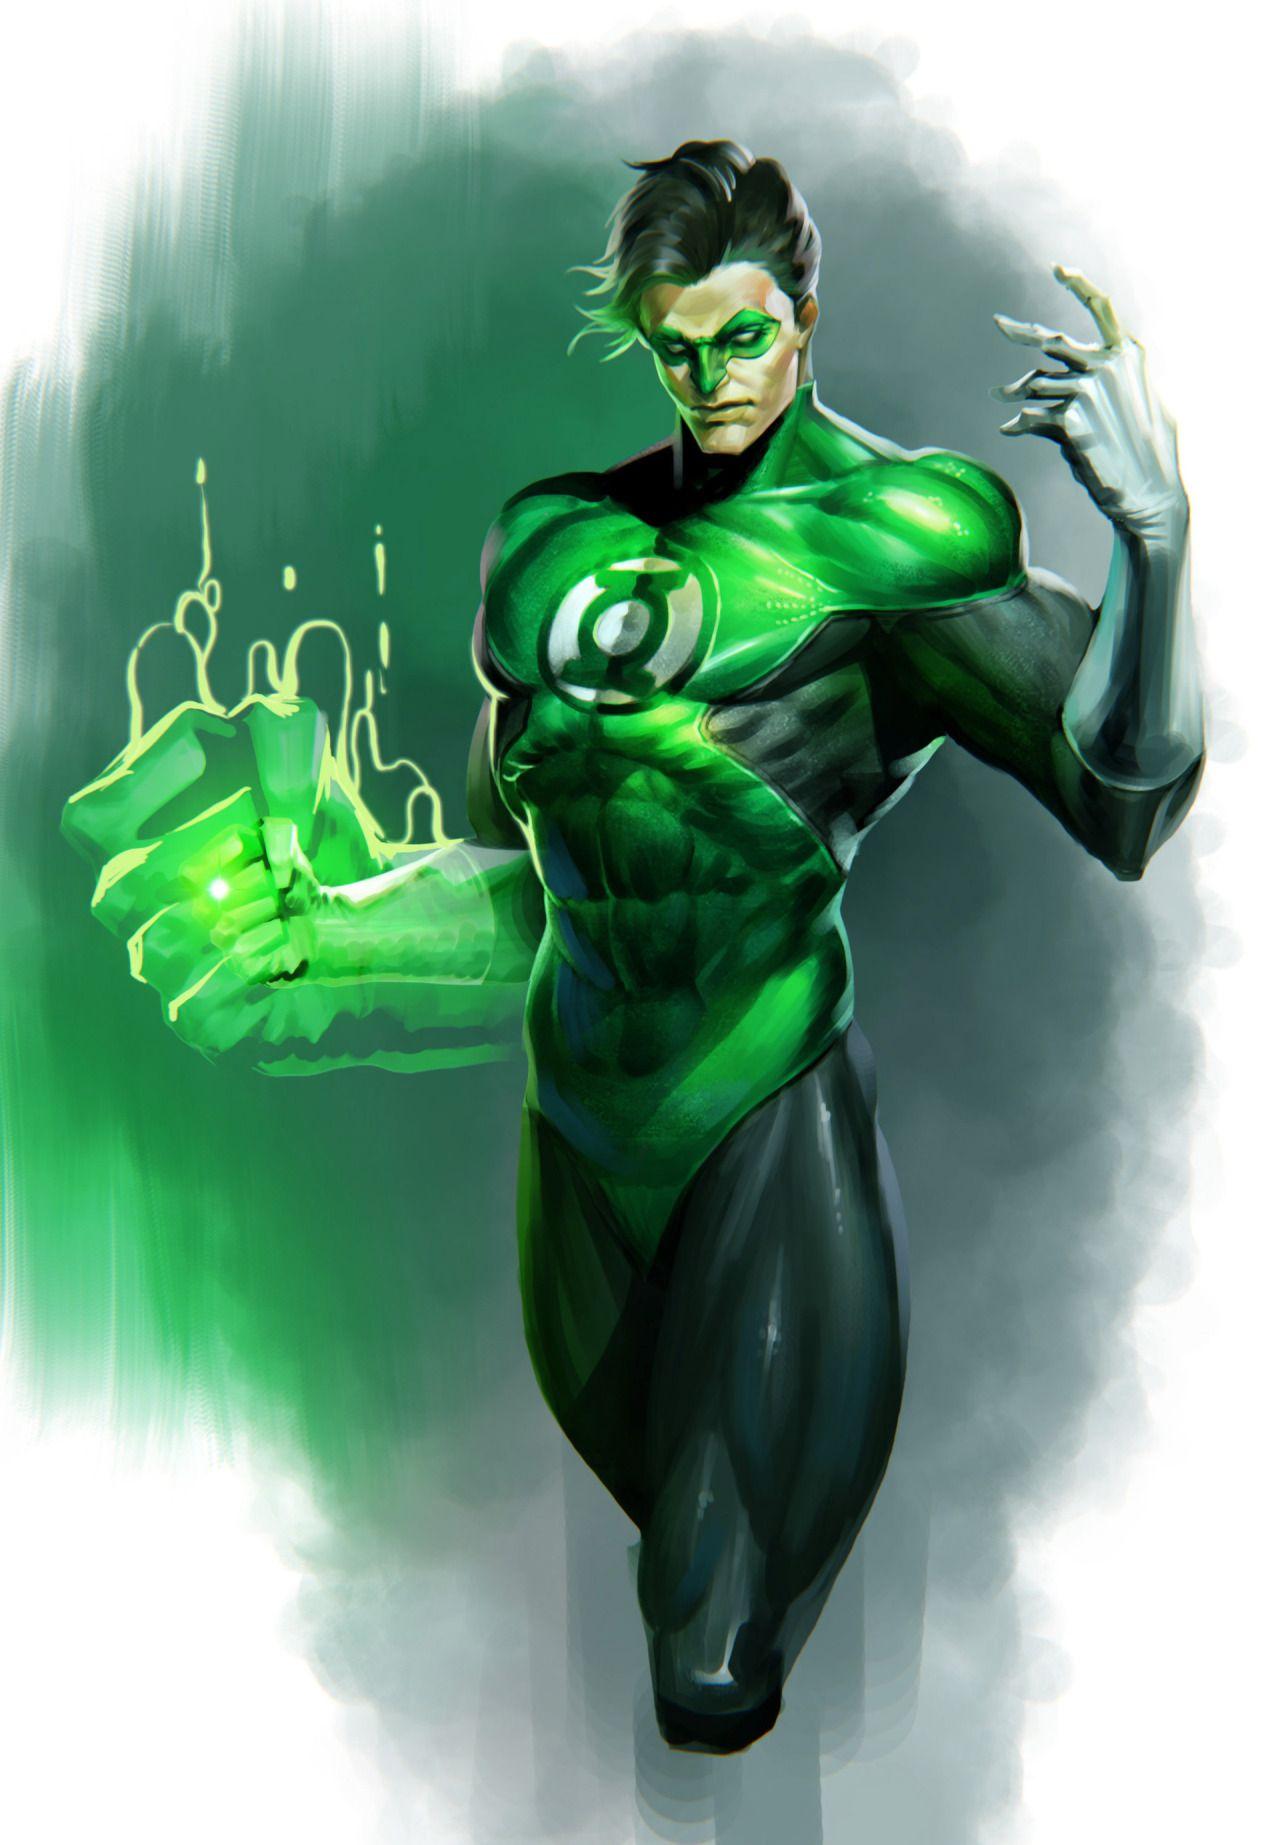 Green Lantern by 재문 윤 Green lantern comics, Green